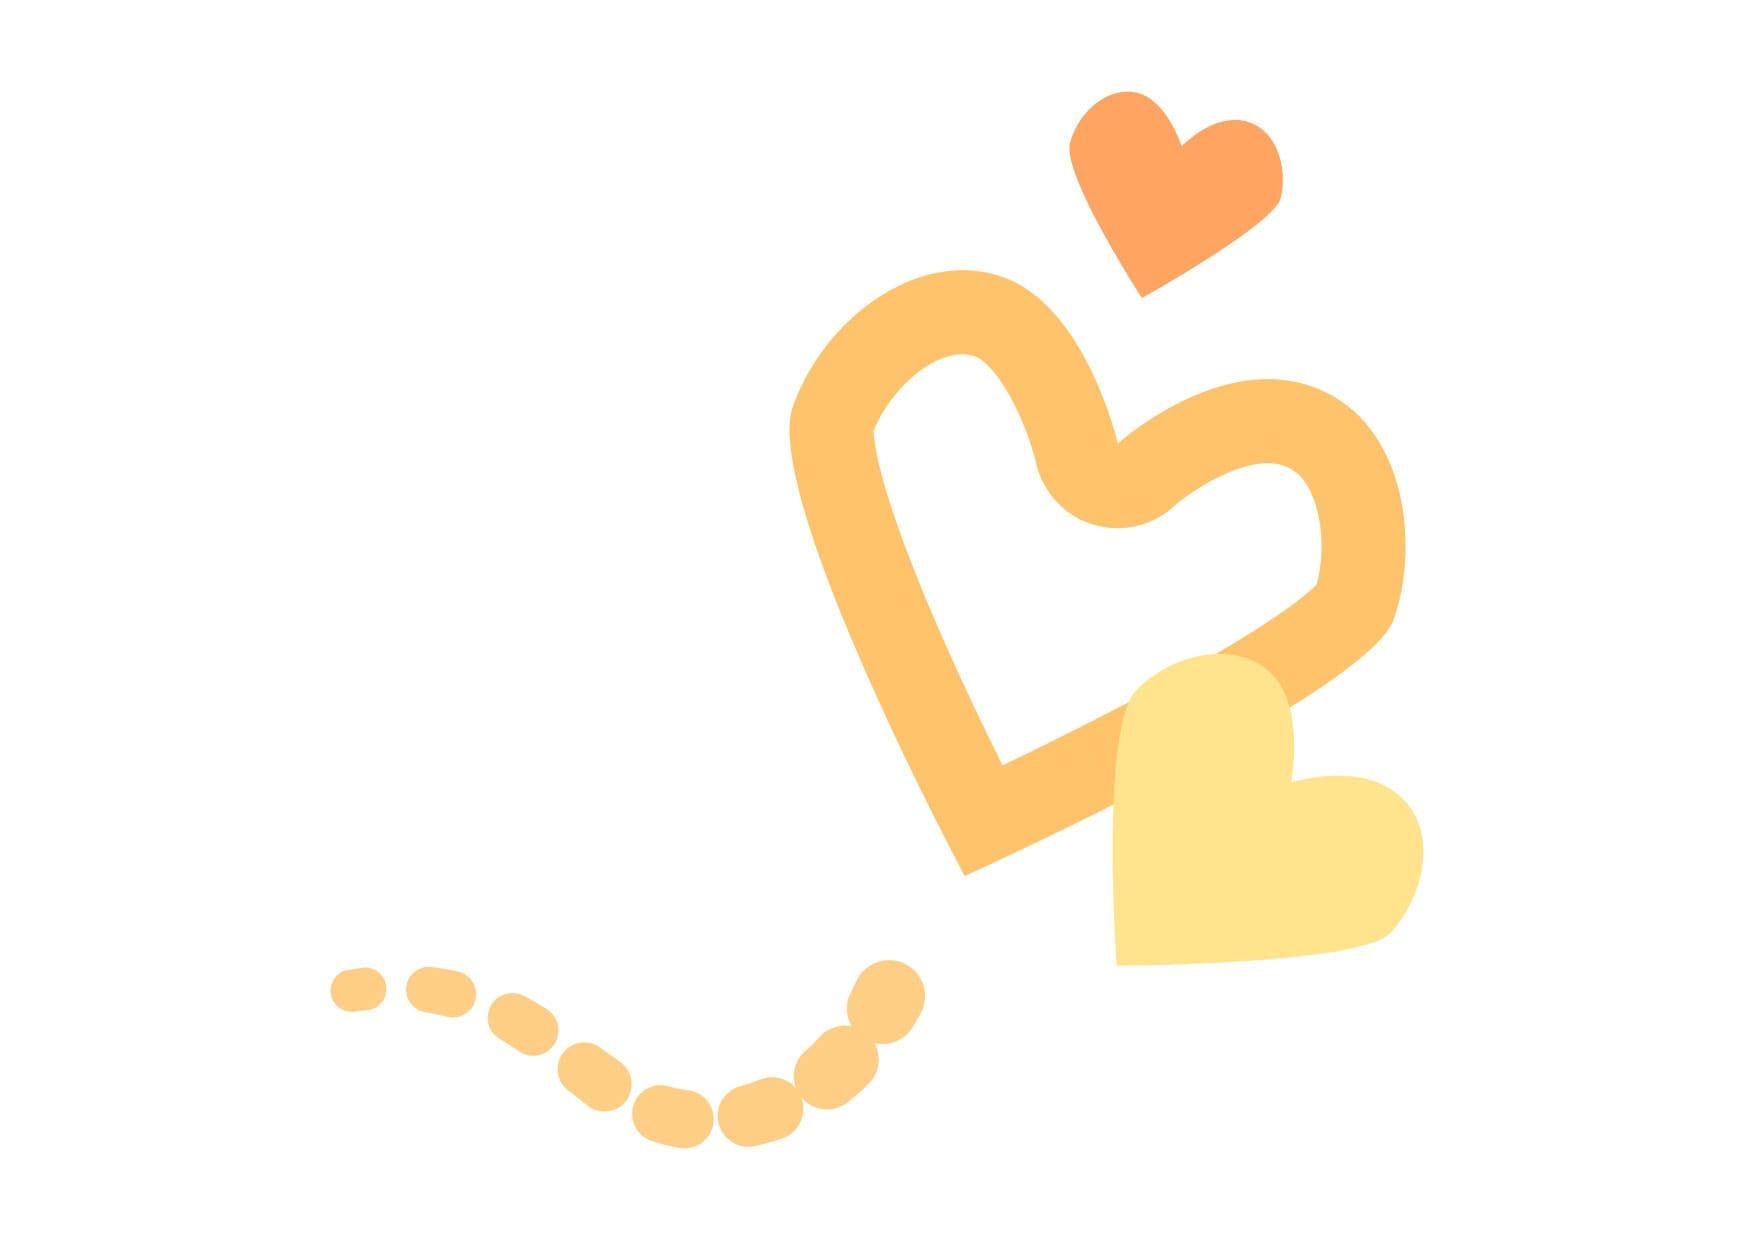 可愛いイラスト無料|ハート 飛ぶ 黄色 − free illustration  Heart fly yellow